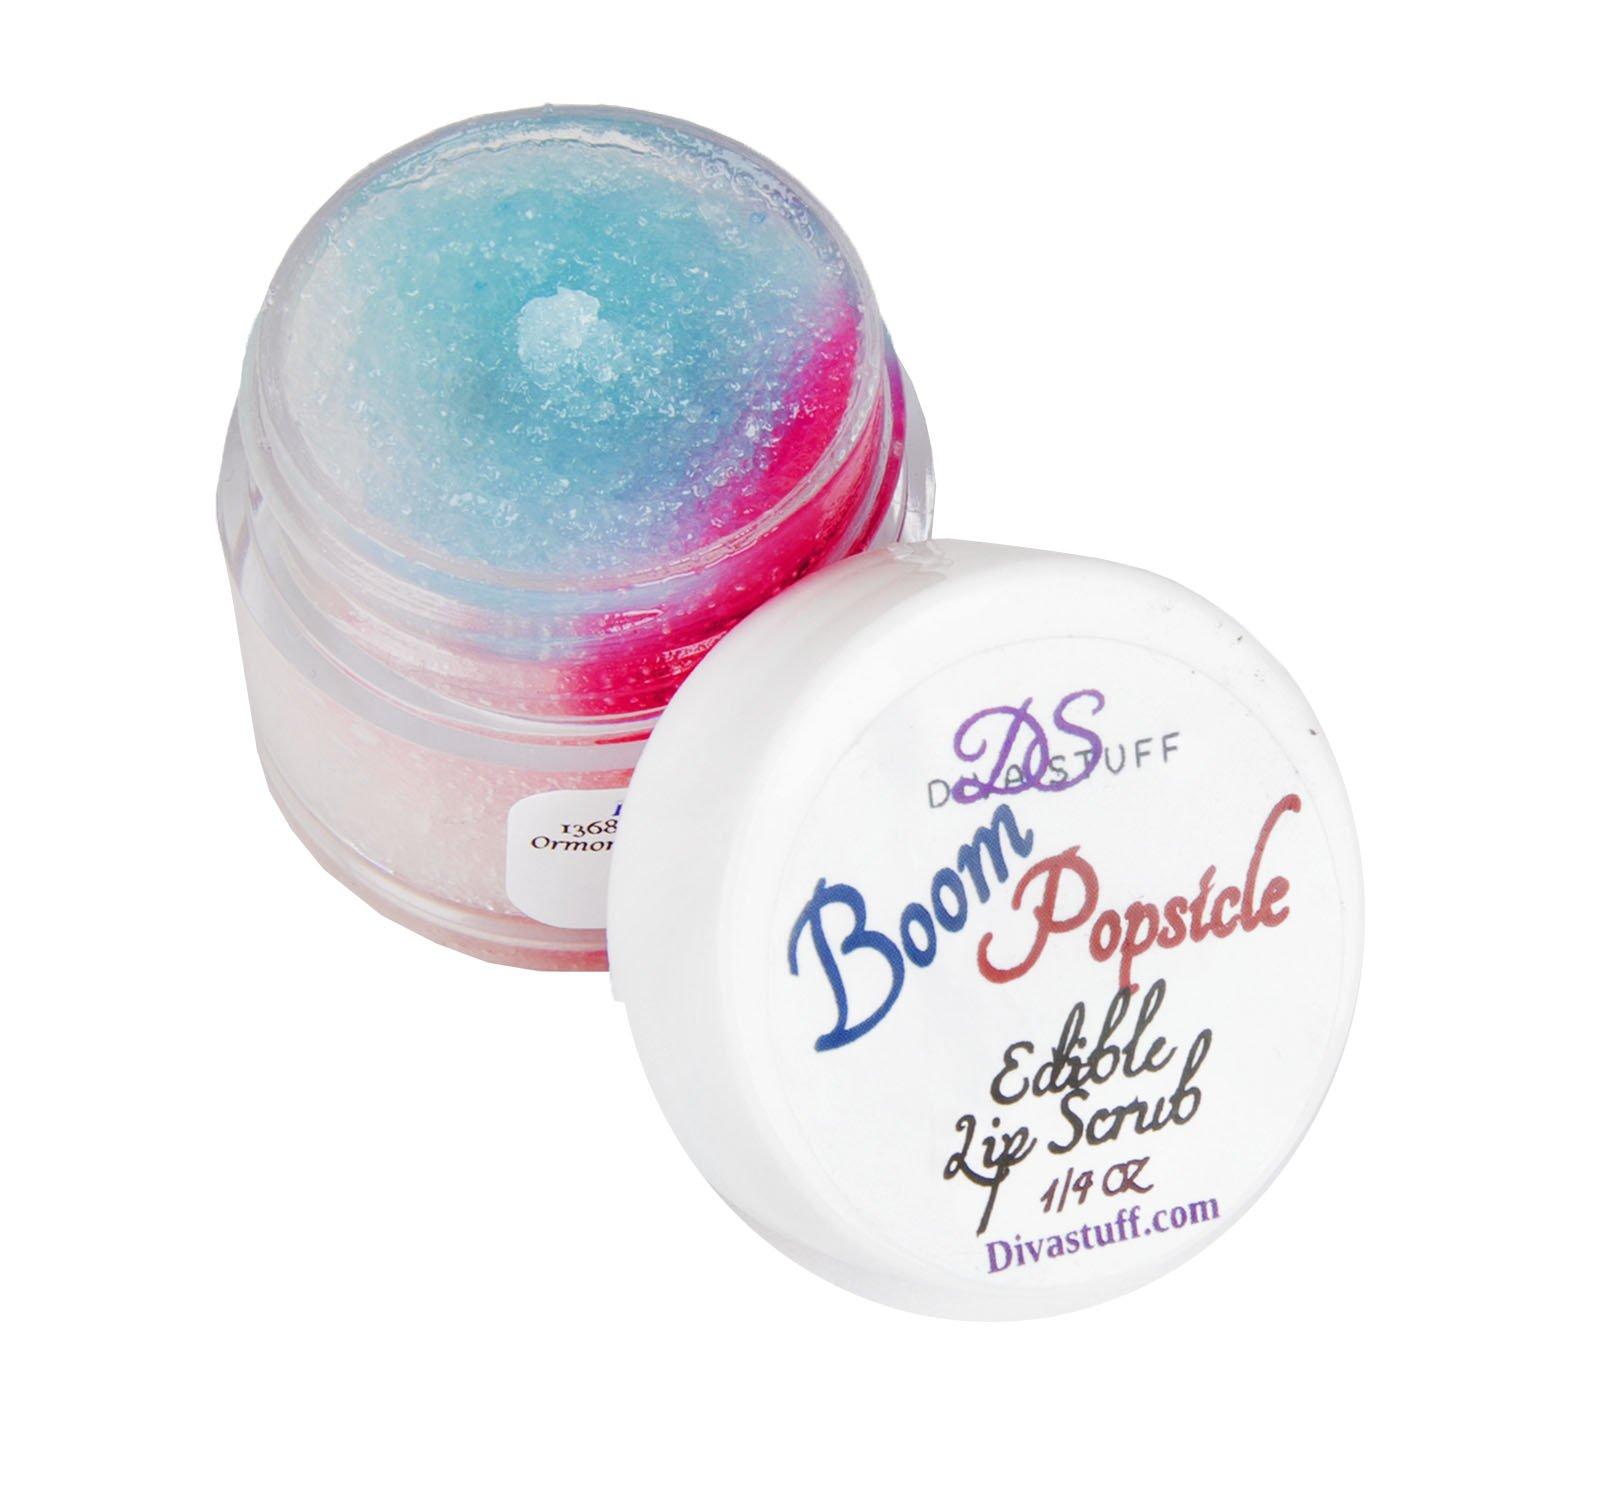 Diva Stuff Lip Scrubbie, 1/4 ounce of Fun Flavor For Soft Lips, Boom Popsicle